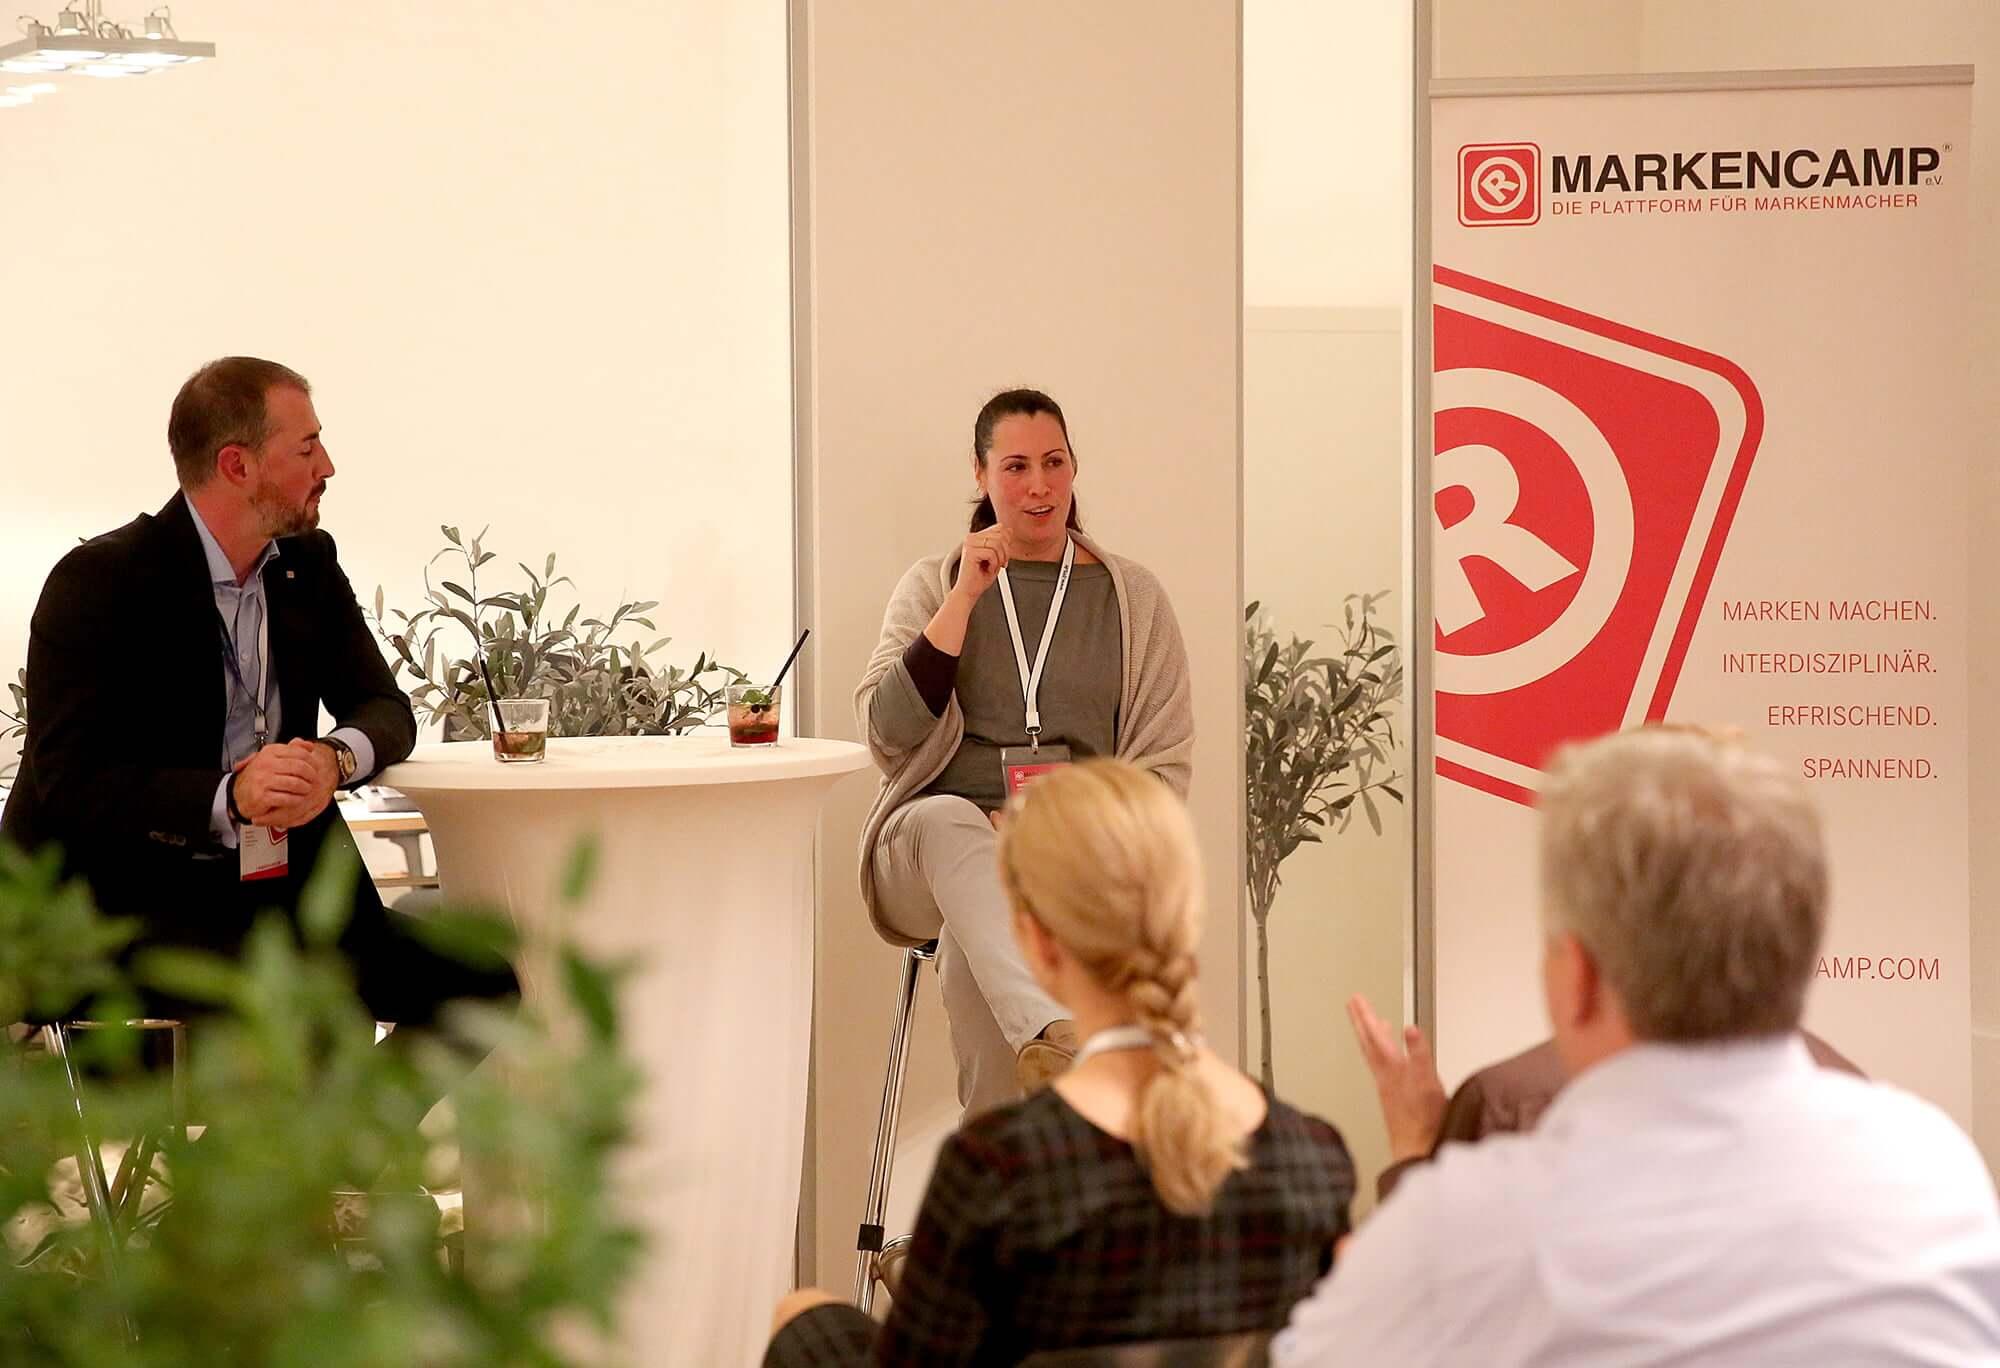 Zwei Sprecher auf der Bühne bei der Markenlounge